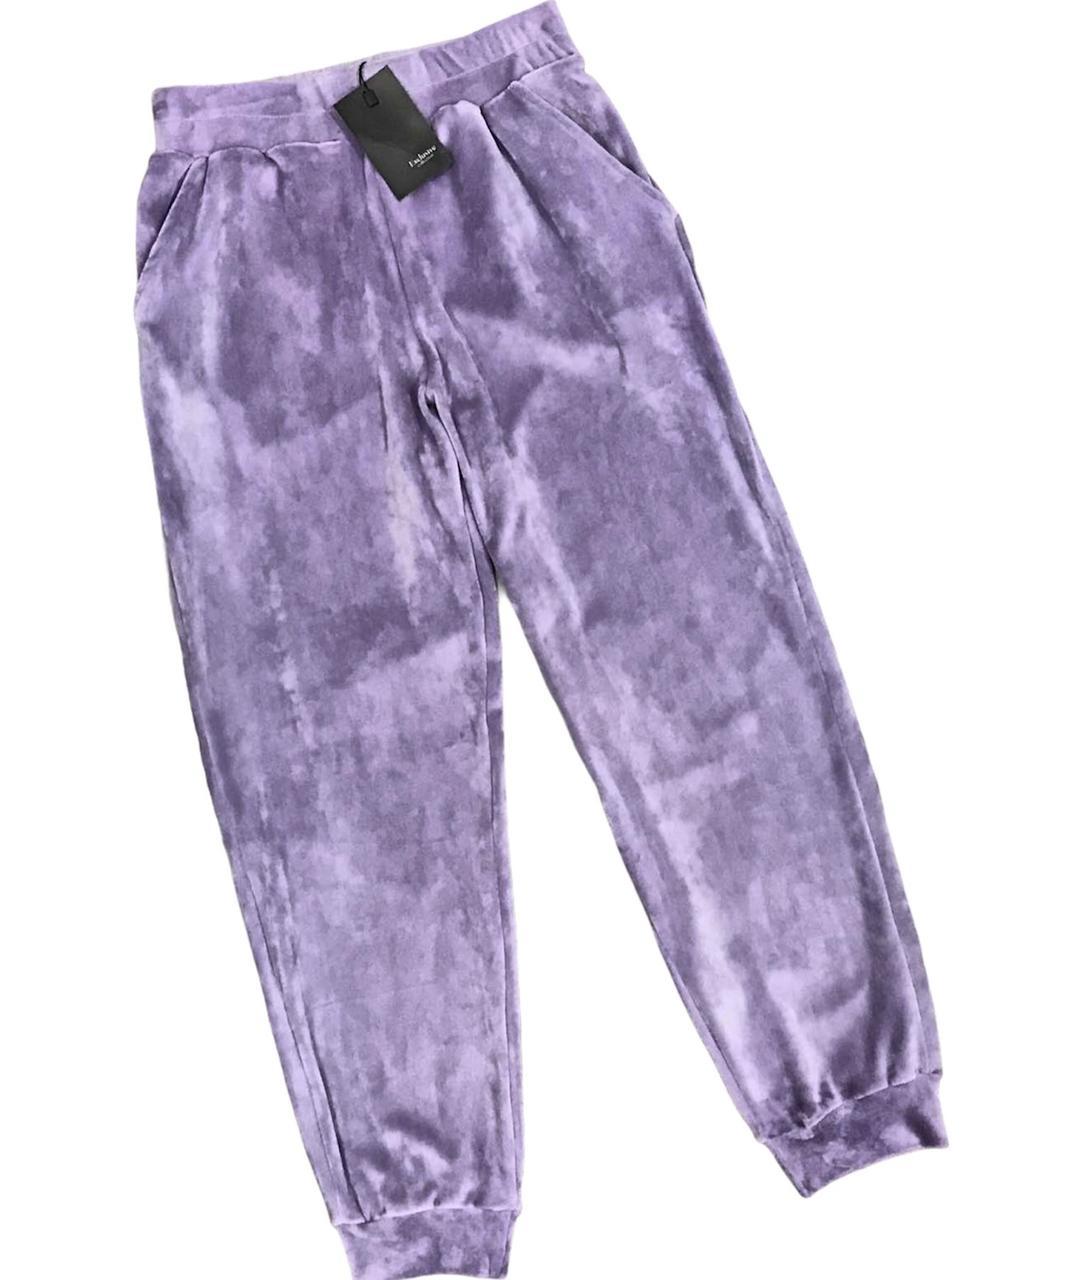 Женские штаны для дома велюровые с карманами- лаванда.